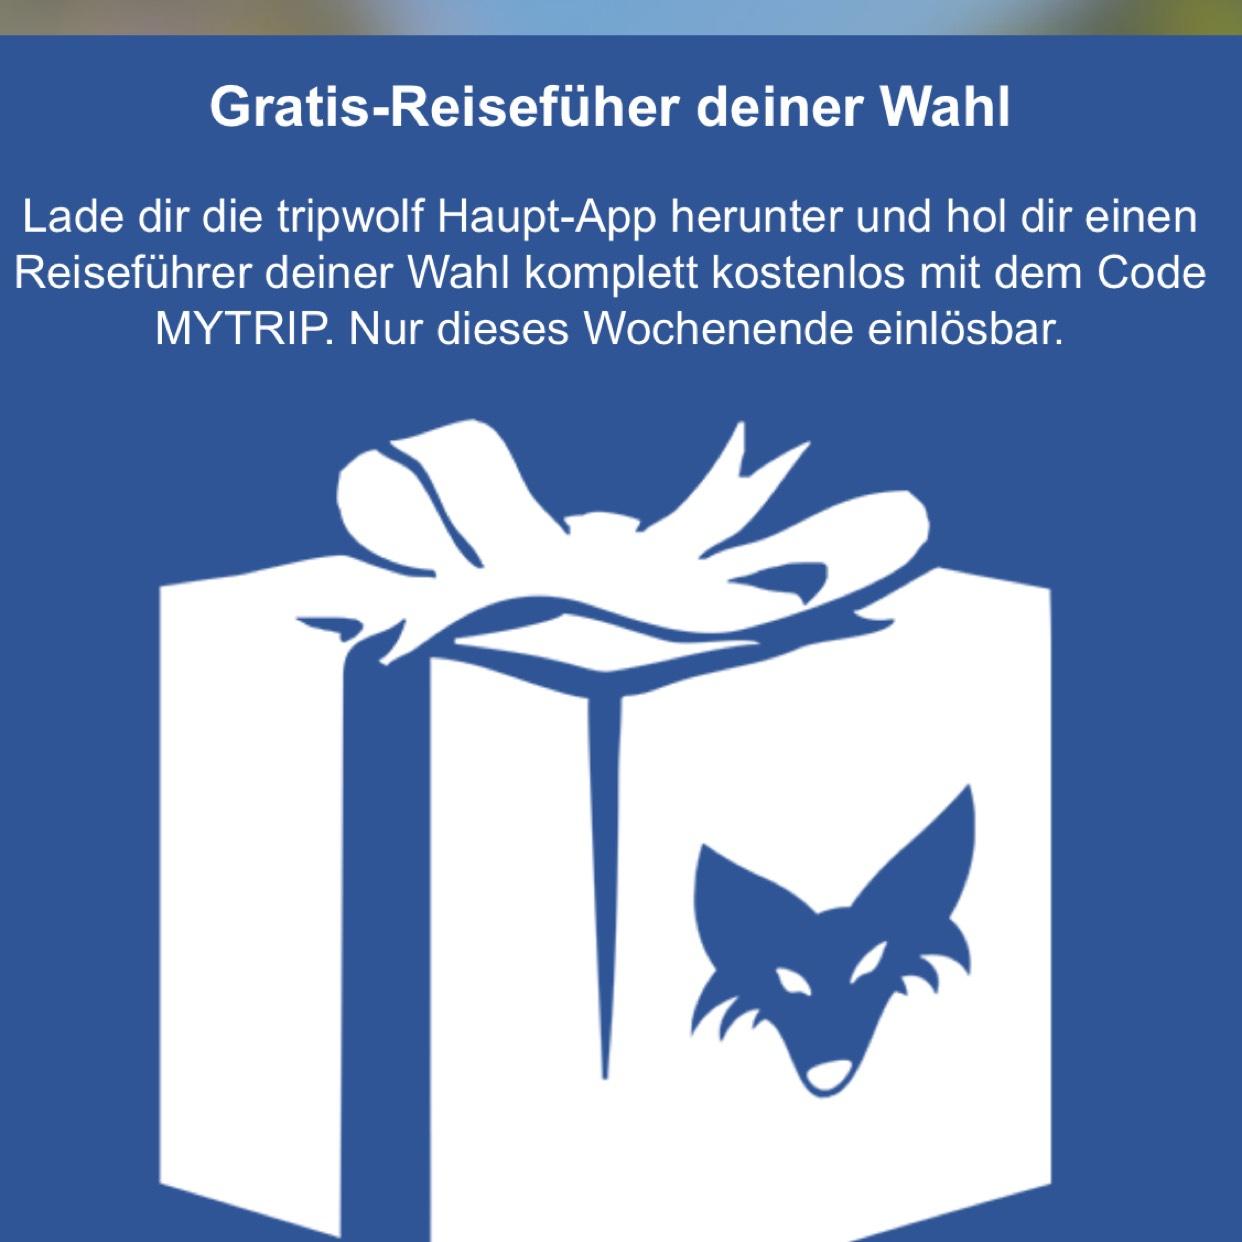 Tripwolf App - Gratis Reiseführer deiner Wahl (z.B. Thailand)!